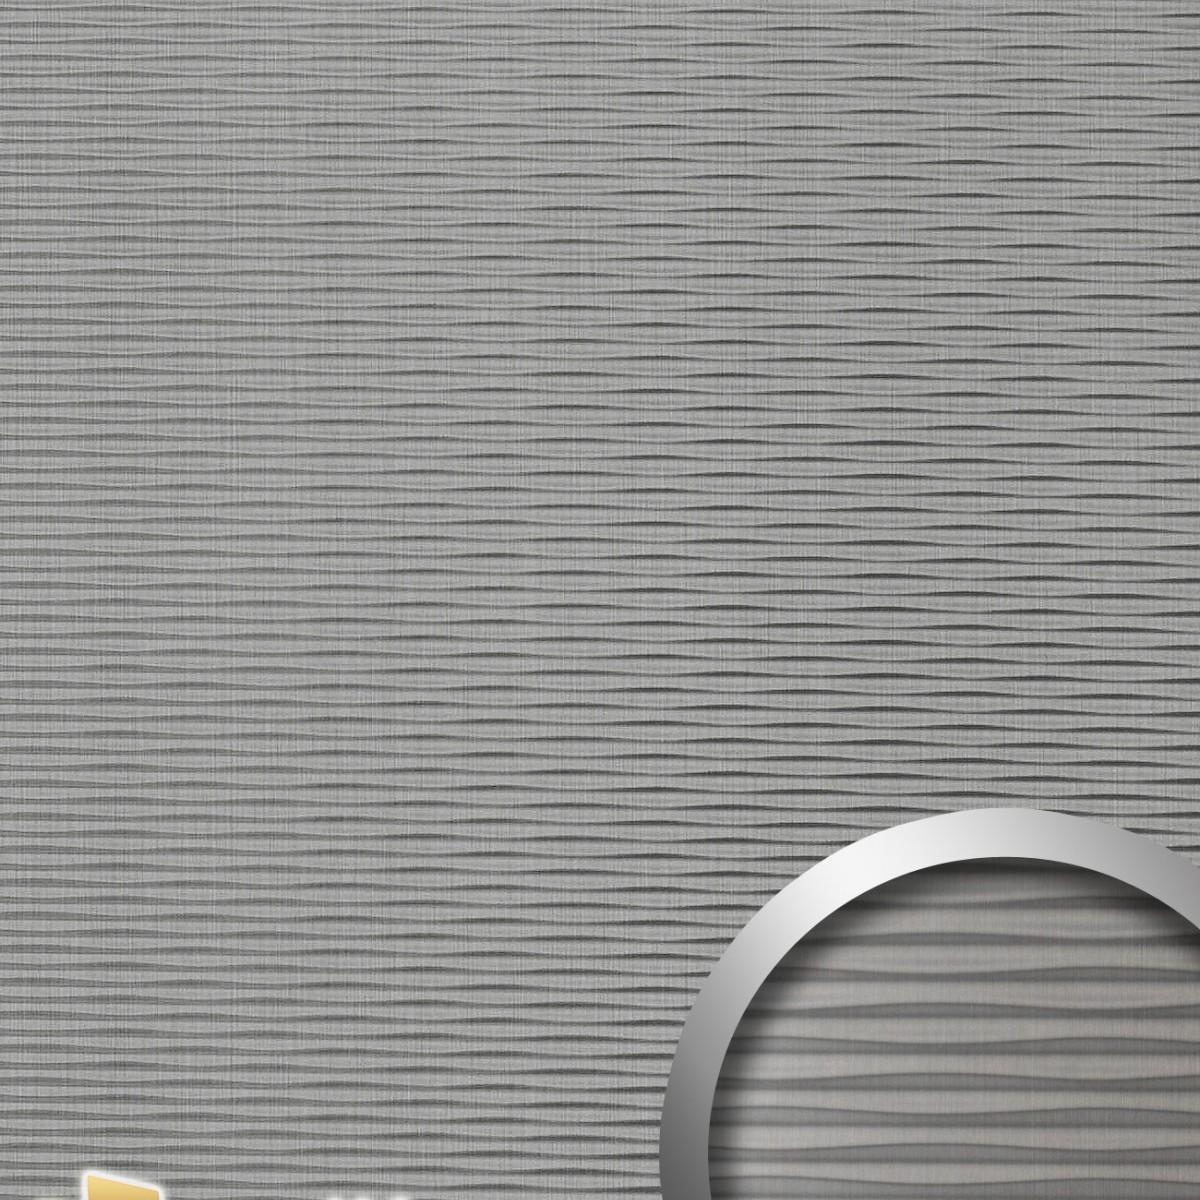 Panou decorativ STRUCTURE 15681, WallFace, autocolant